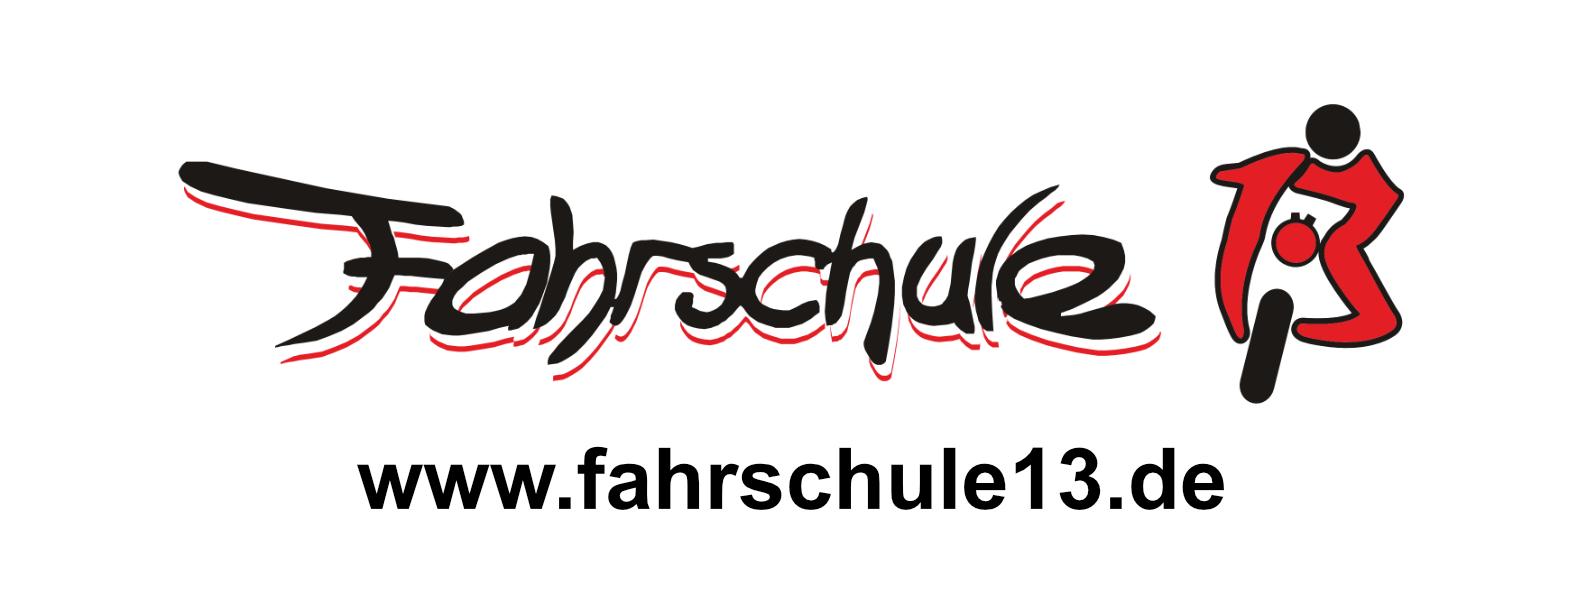 FS13-Facebook-Titelbild-Facebook-Titelbild